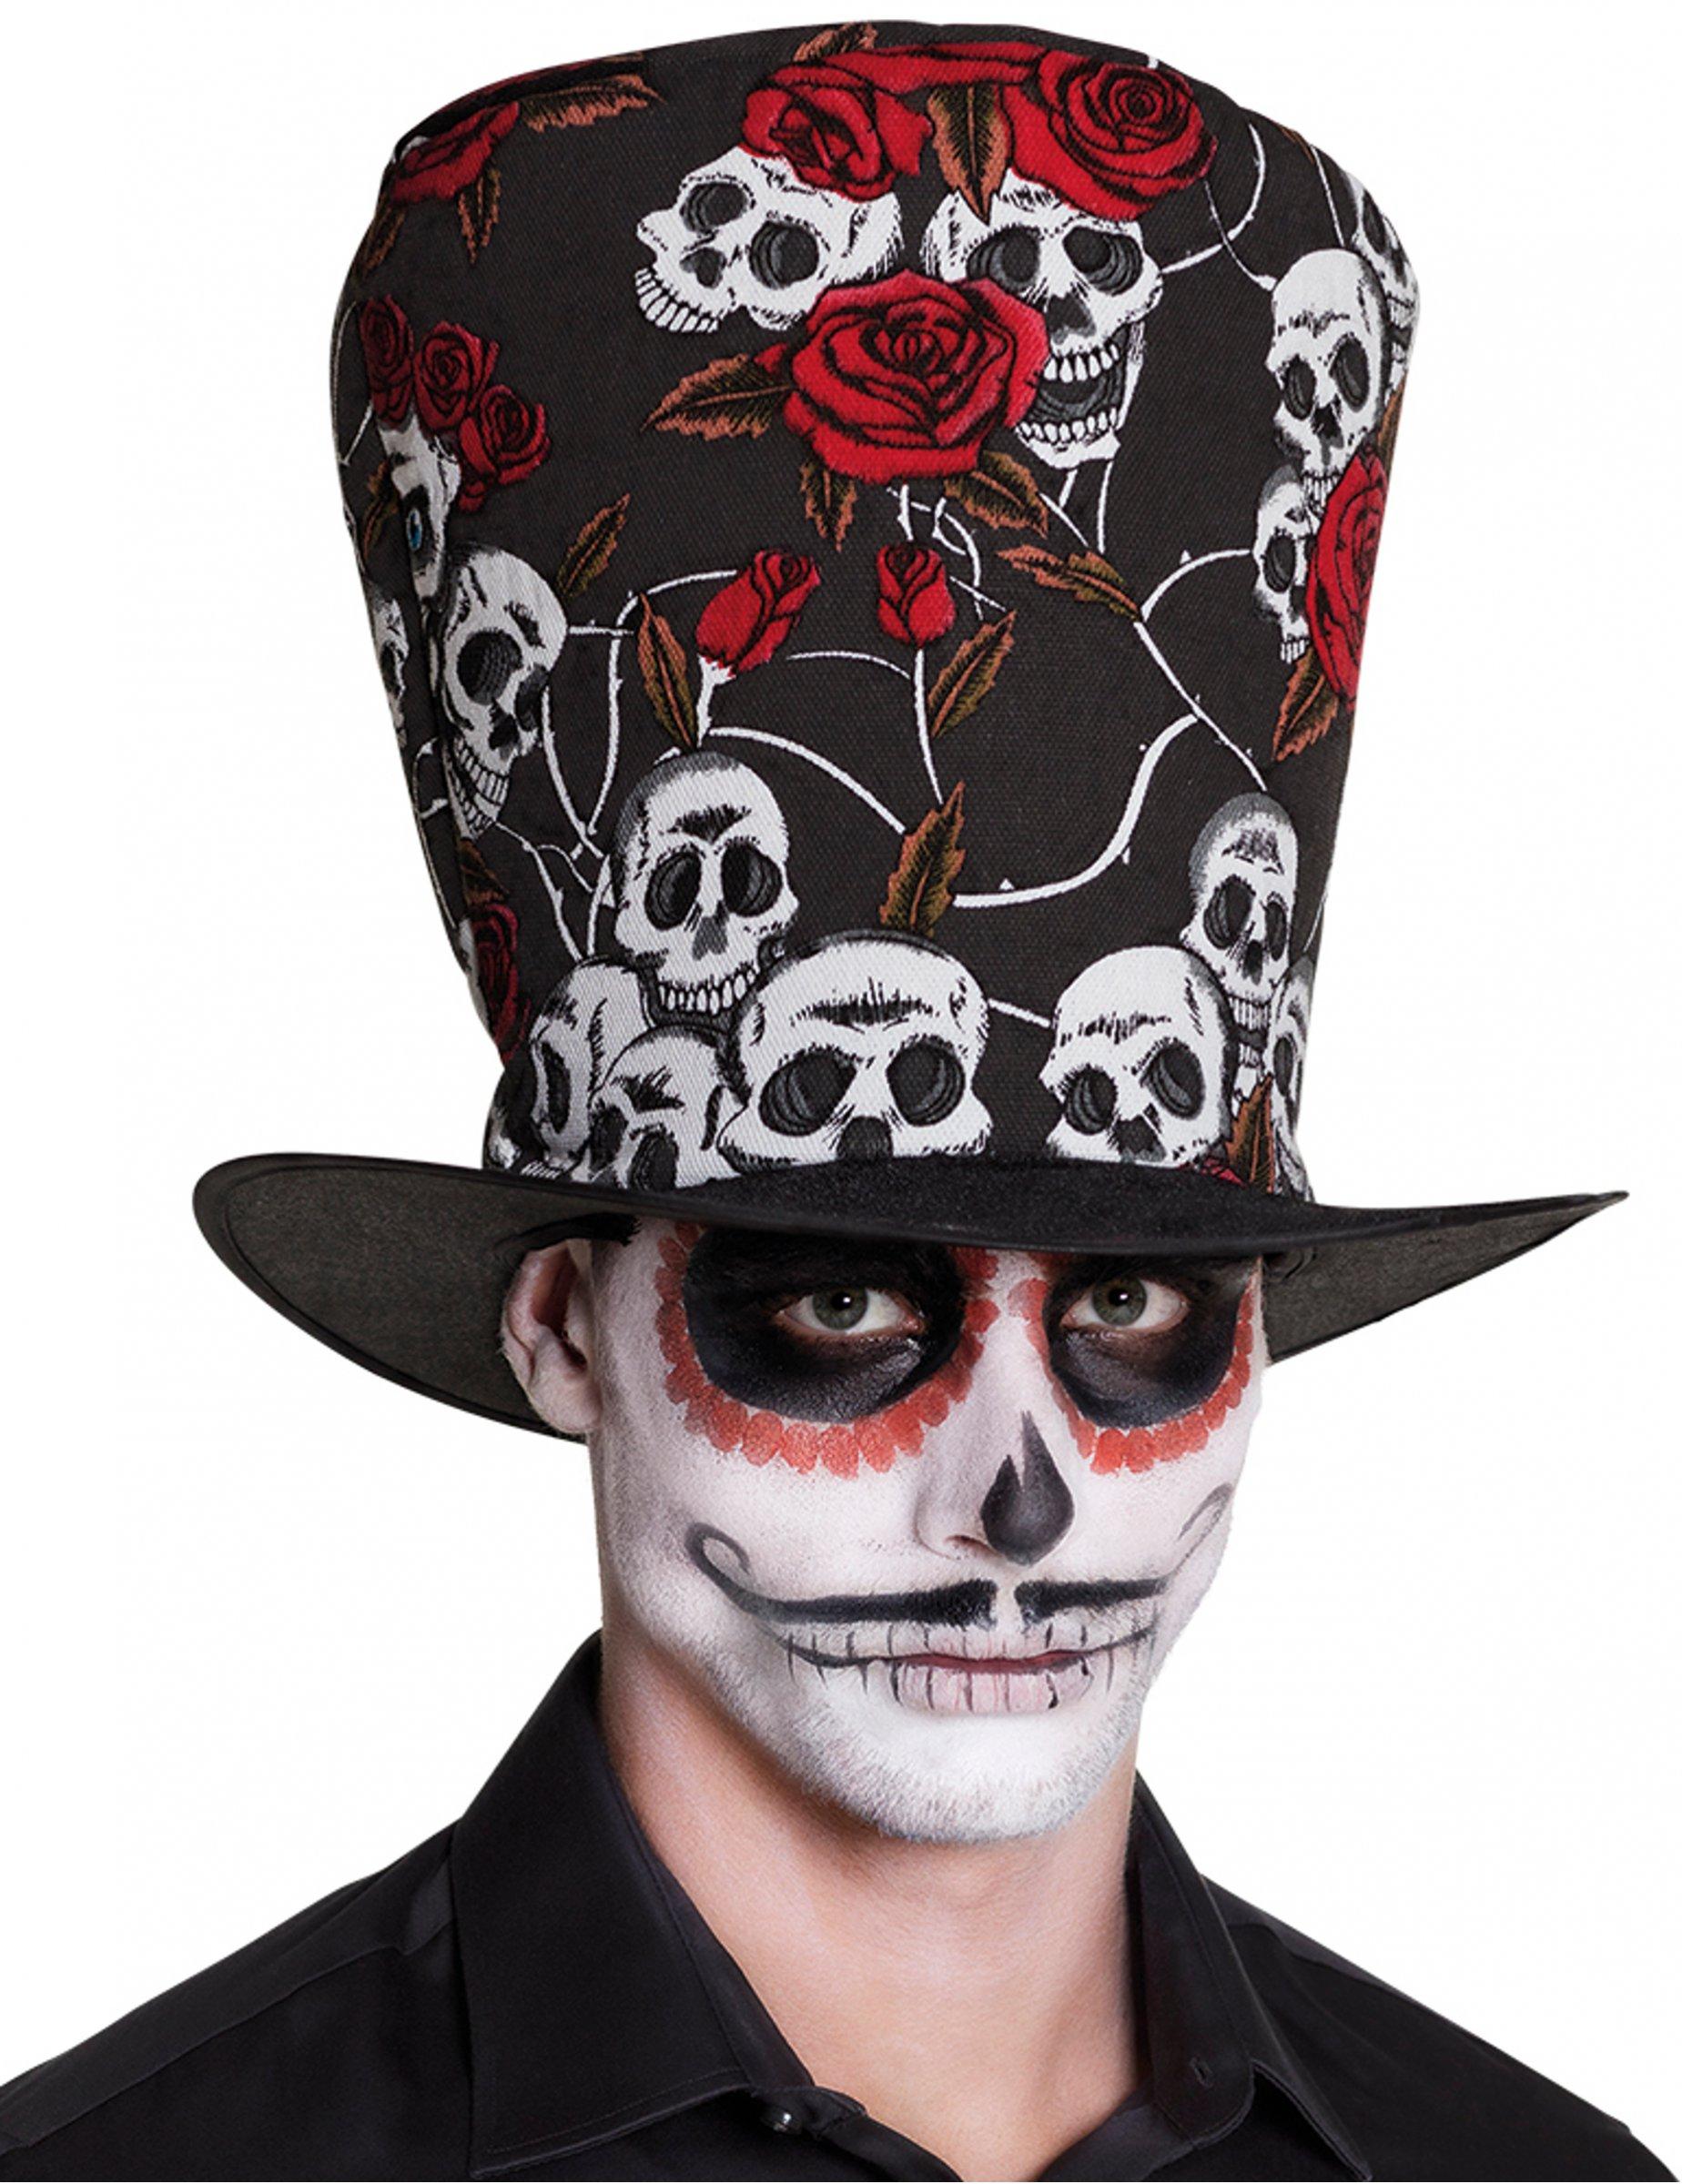 Sombrero de copa calavera y rosas rojas adulto Día de los muertos ... 7ddf99fa12a